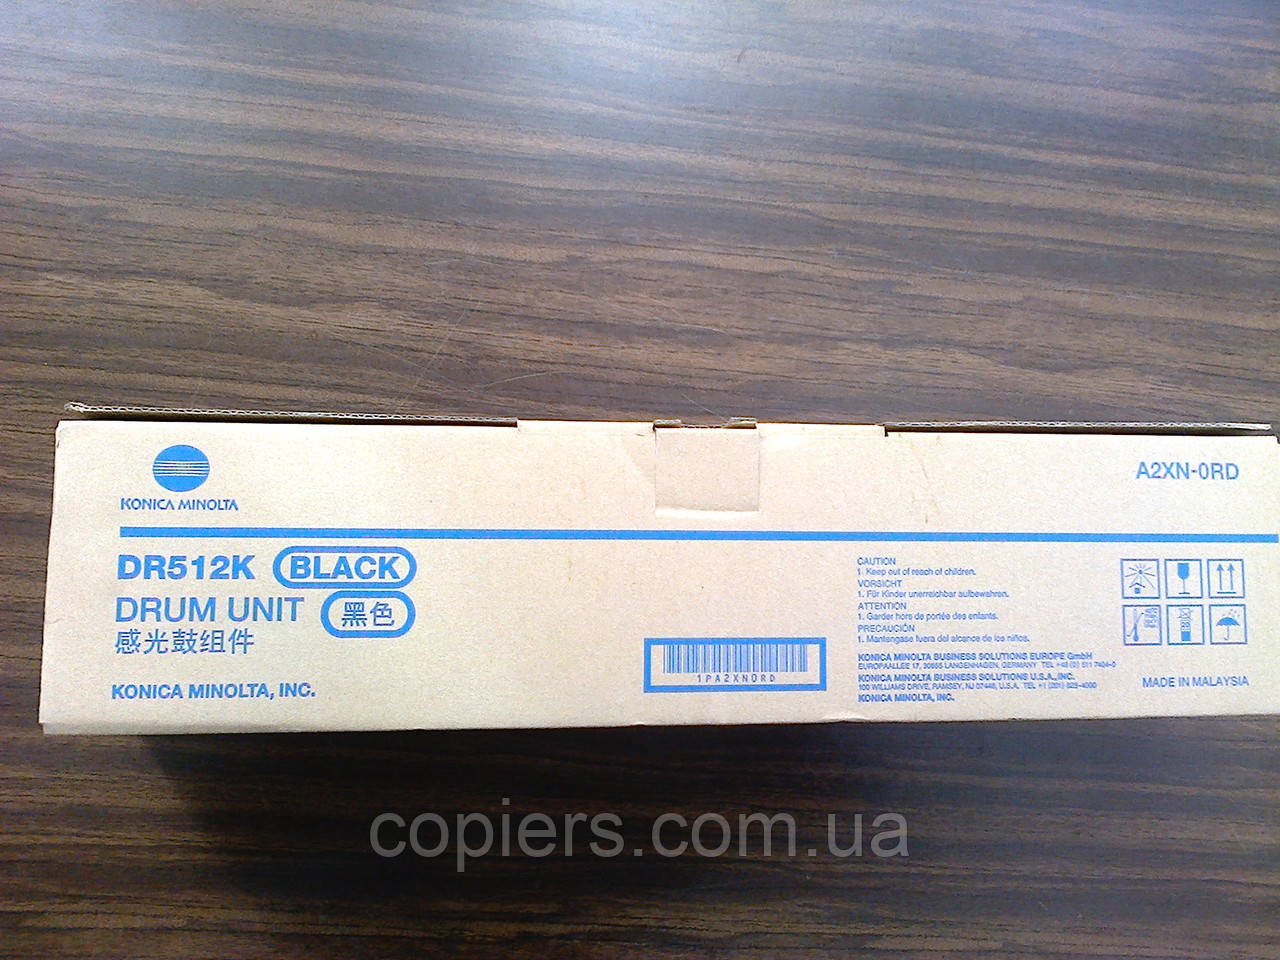 DR512 K фотобарабан Drum Unit  Konica Minolta Bizhub c224/c284/c364/c454/c554, A2XN0RD, dr-512 k